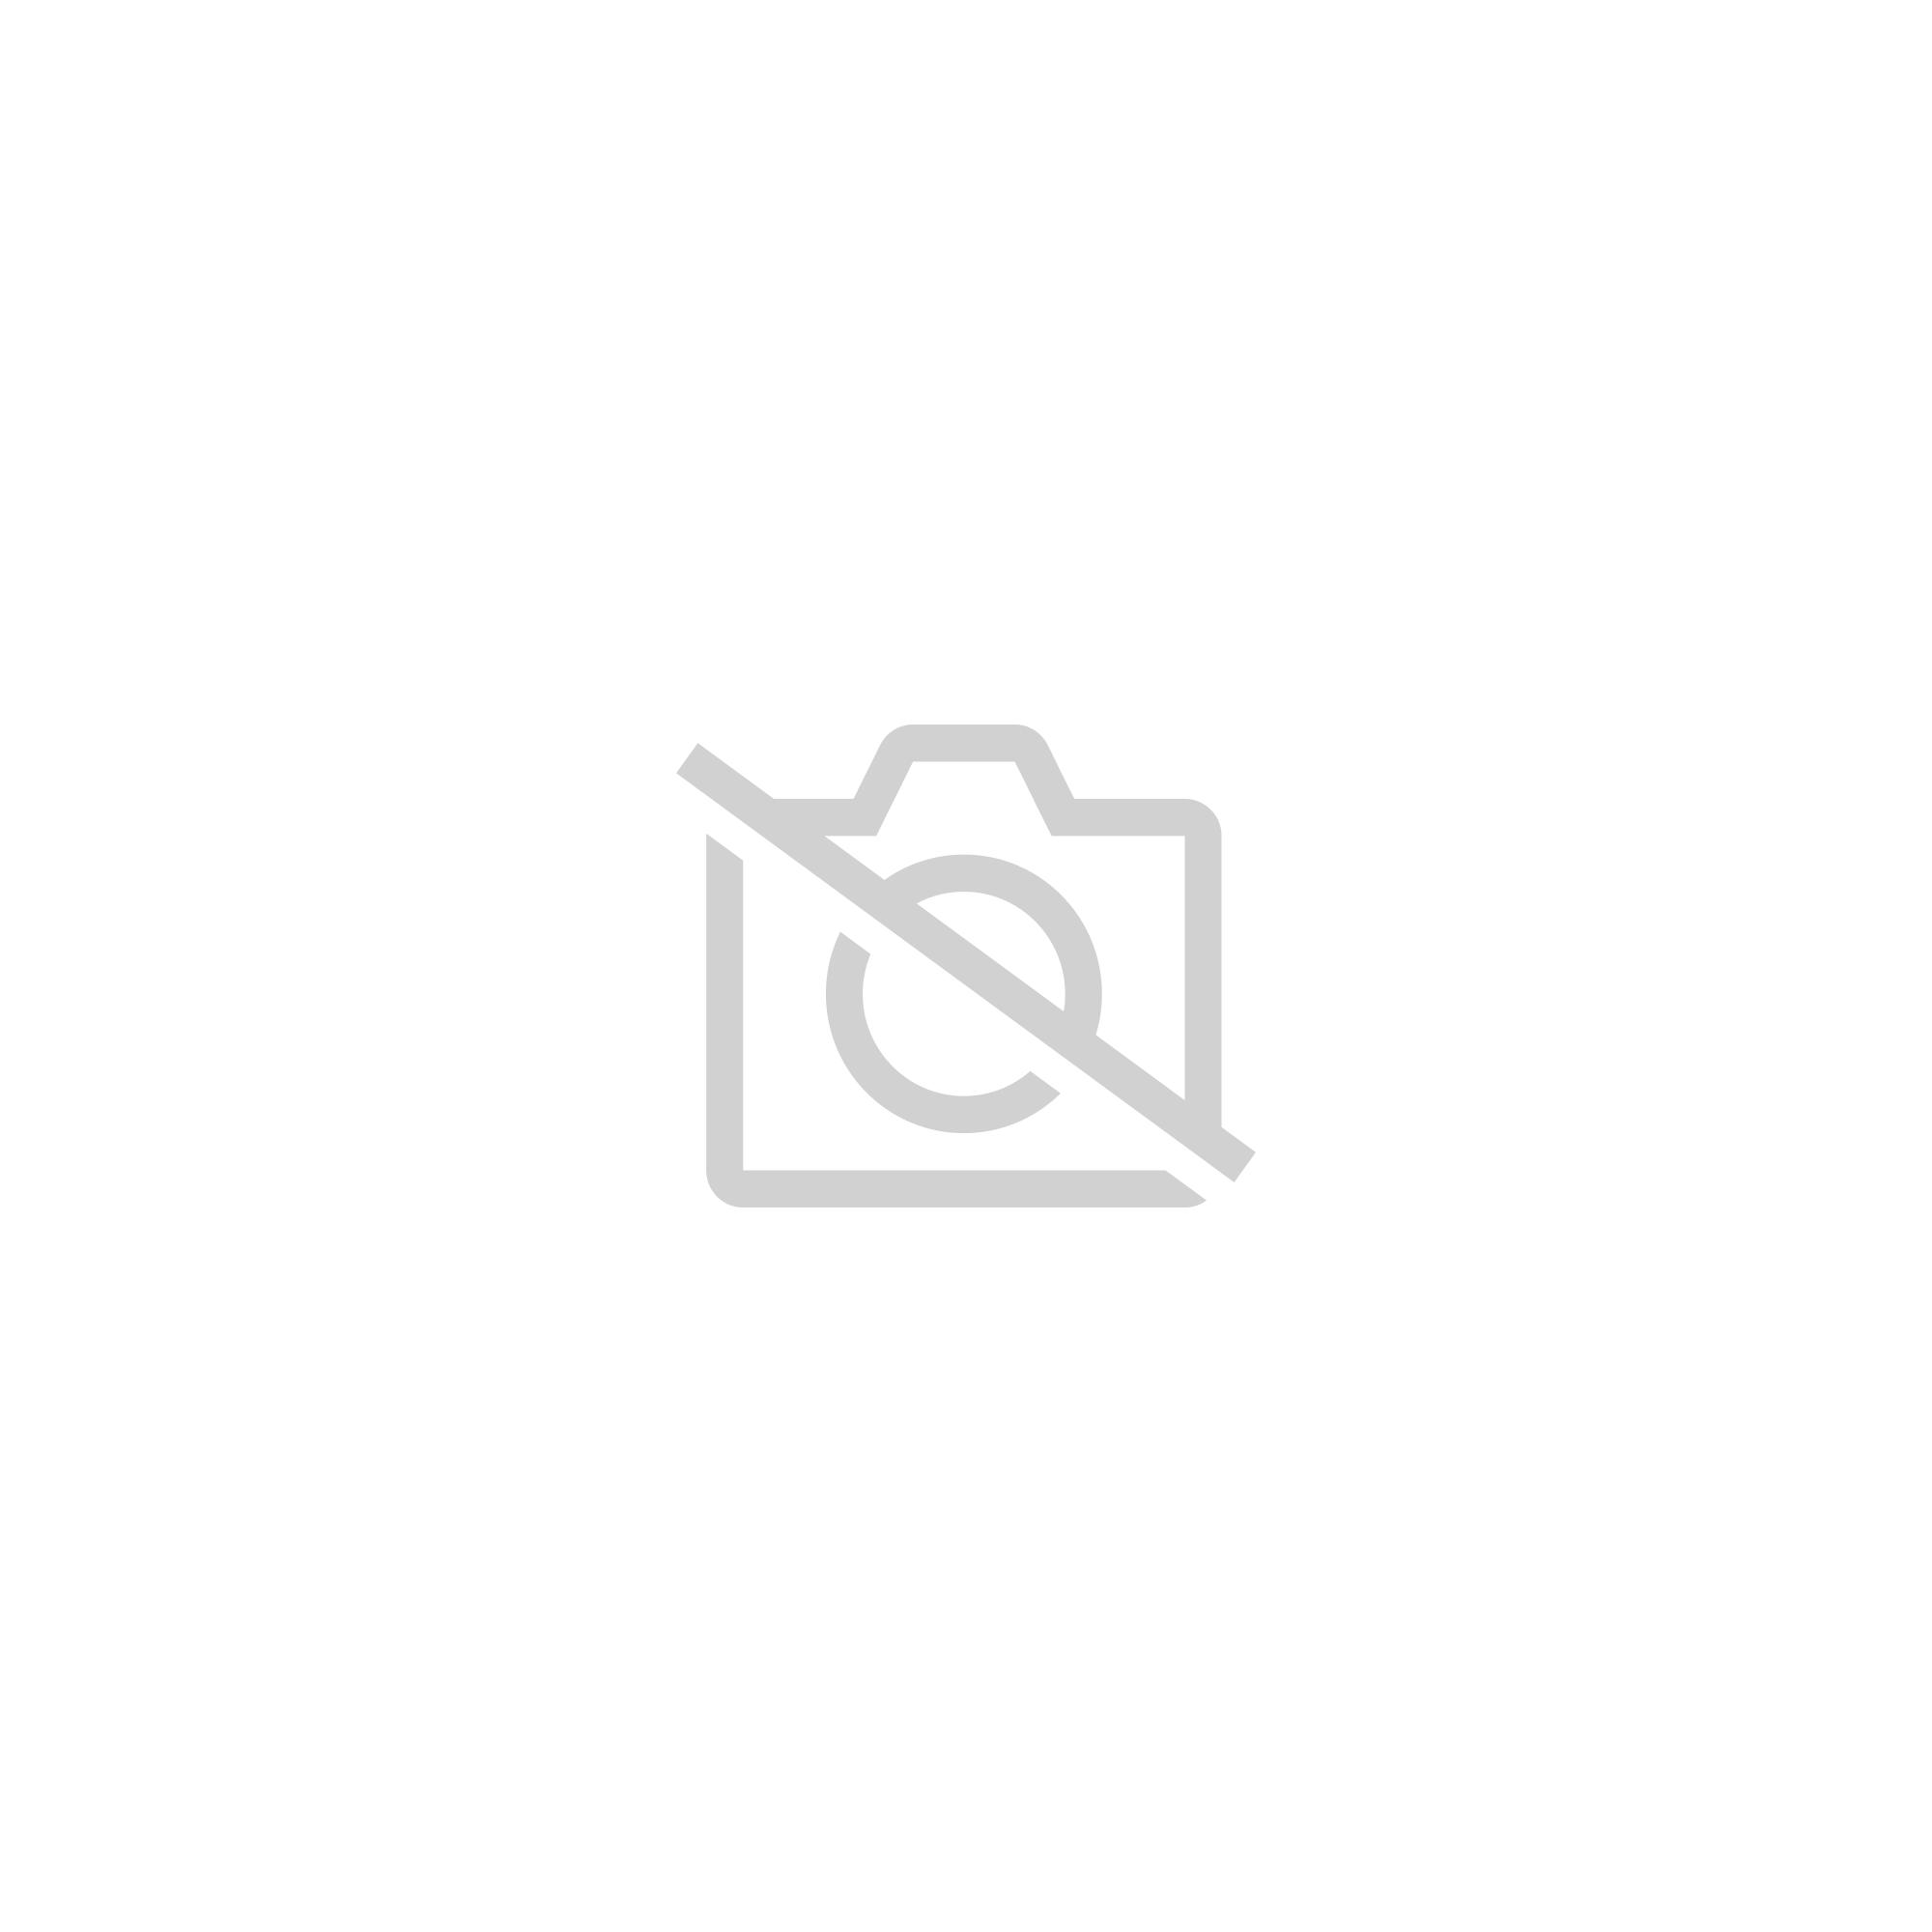 Nanon - Ligaran - 14/10/2015